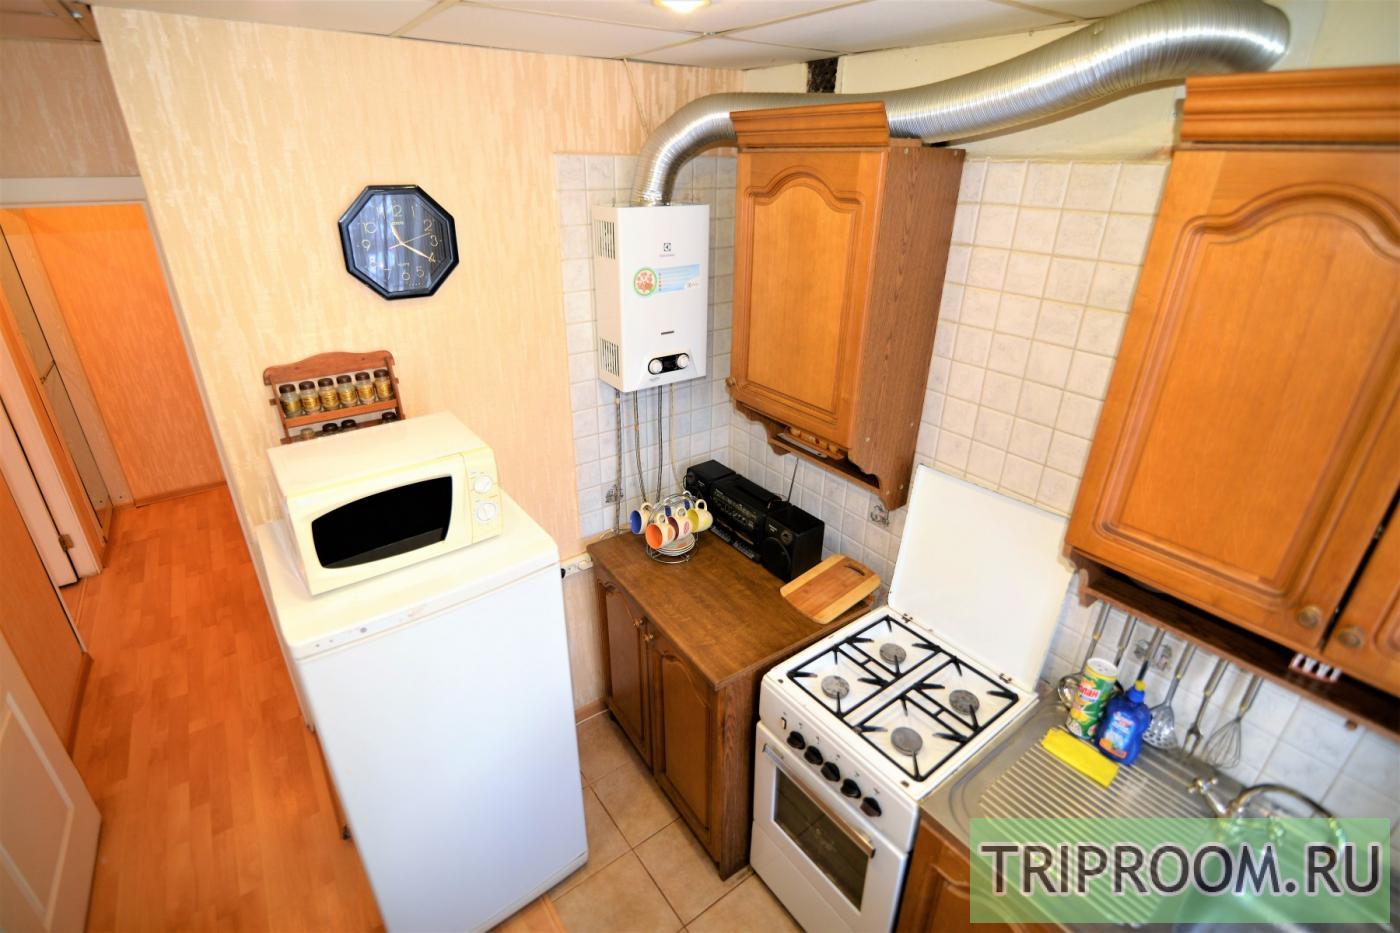 1-комнатная квартира посуточно (вариант № 2140), ул. Фридриха Энгельса улица, фото № 7